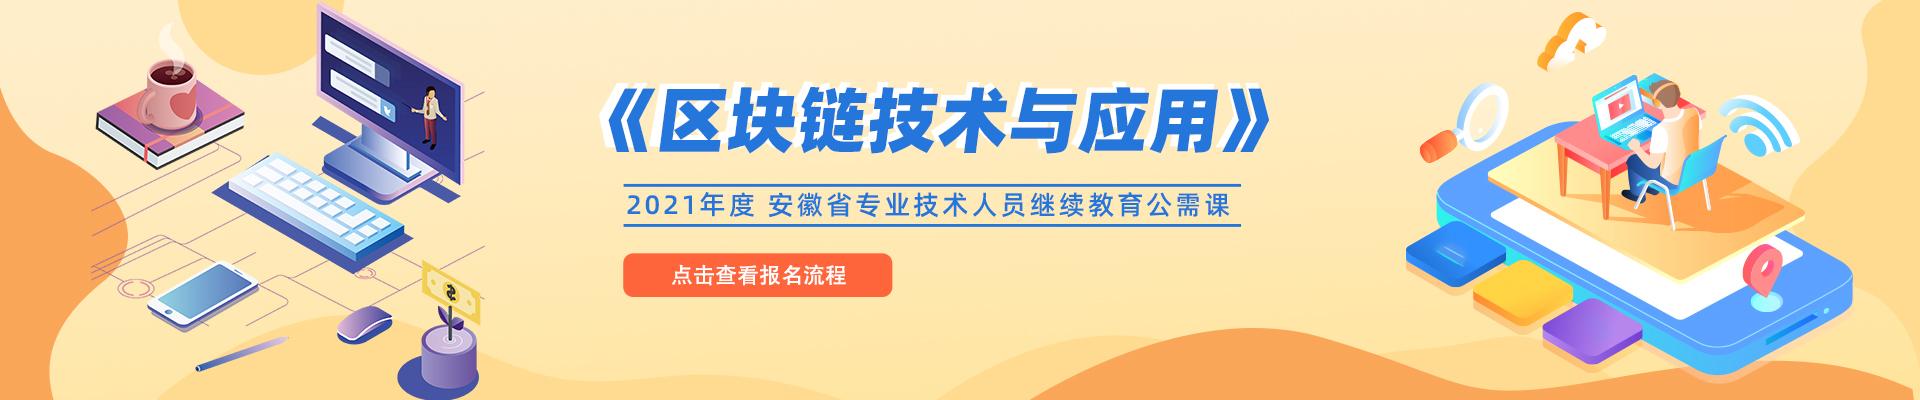 安徽省专业技术人员继续教育公需课报名操作指南